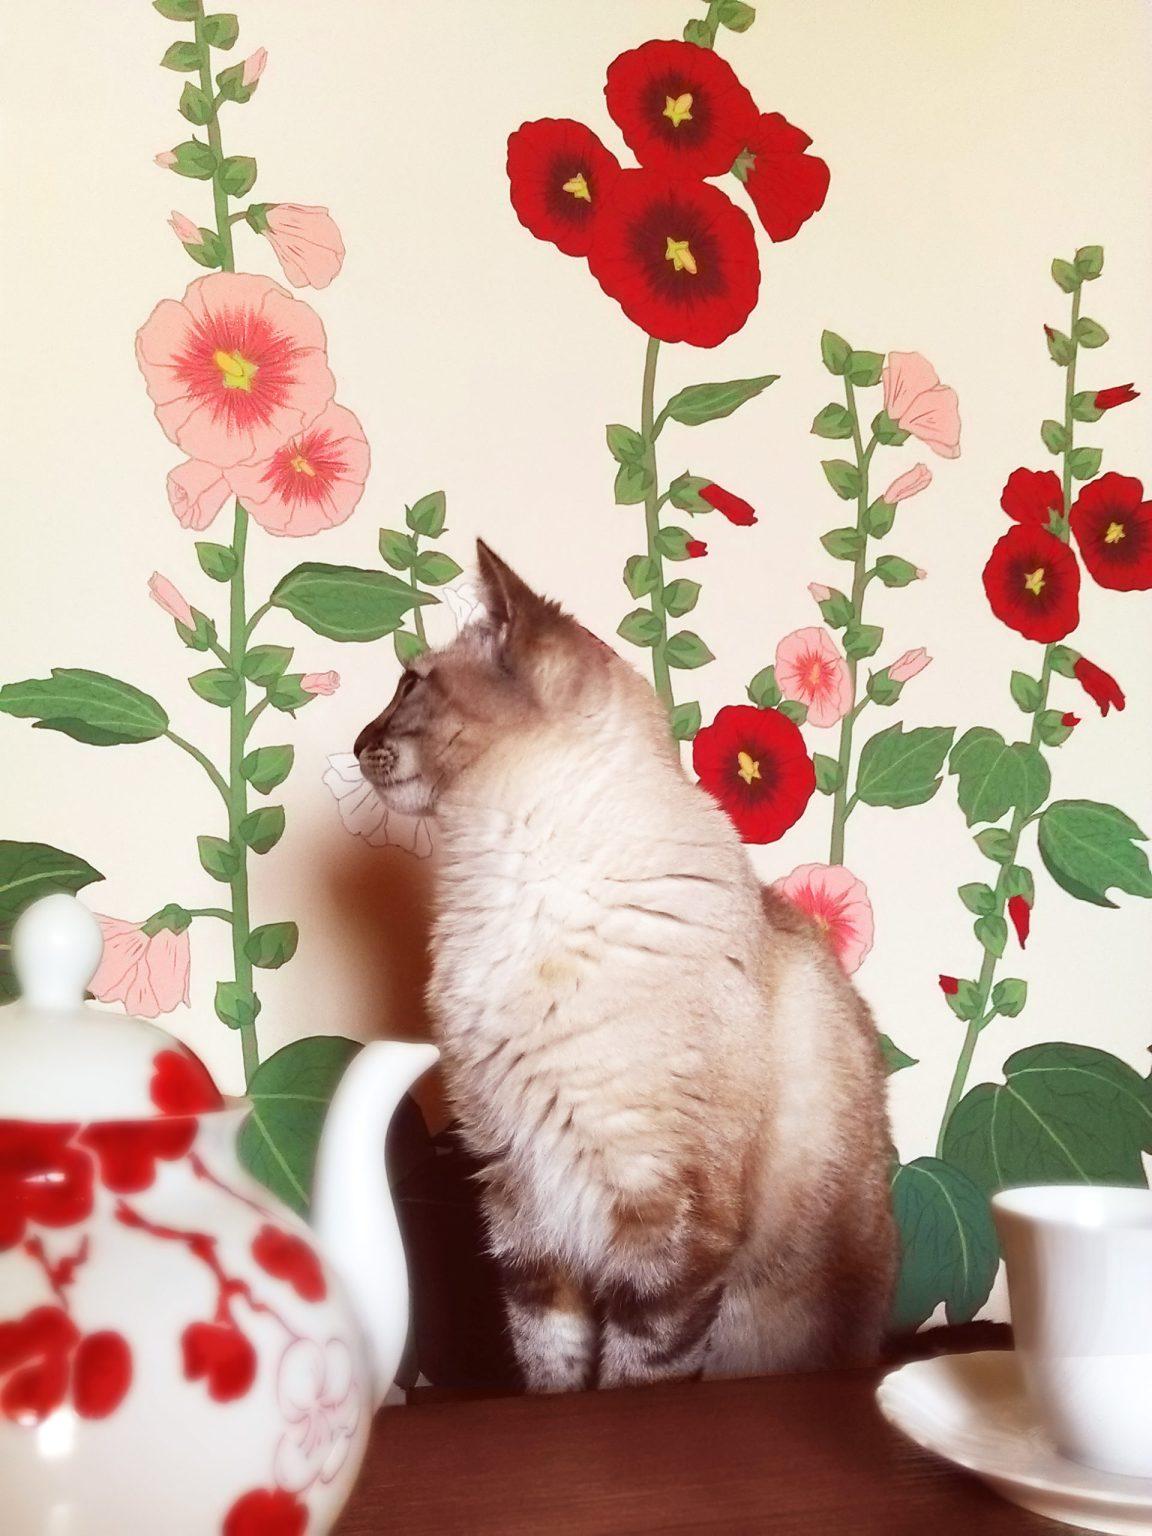 Peinture murale roses tremieres, Assilem décors, peintre en décor Bordeaux, décoration intérieure, peinture décorative